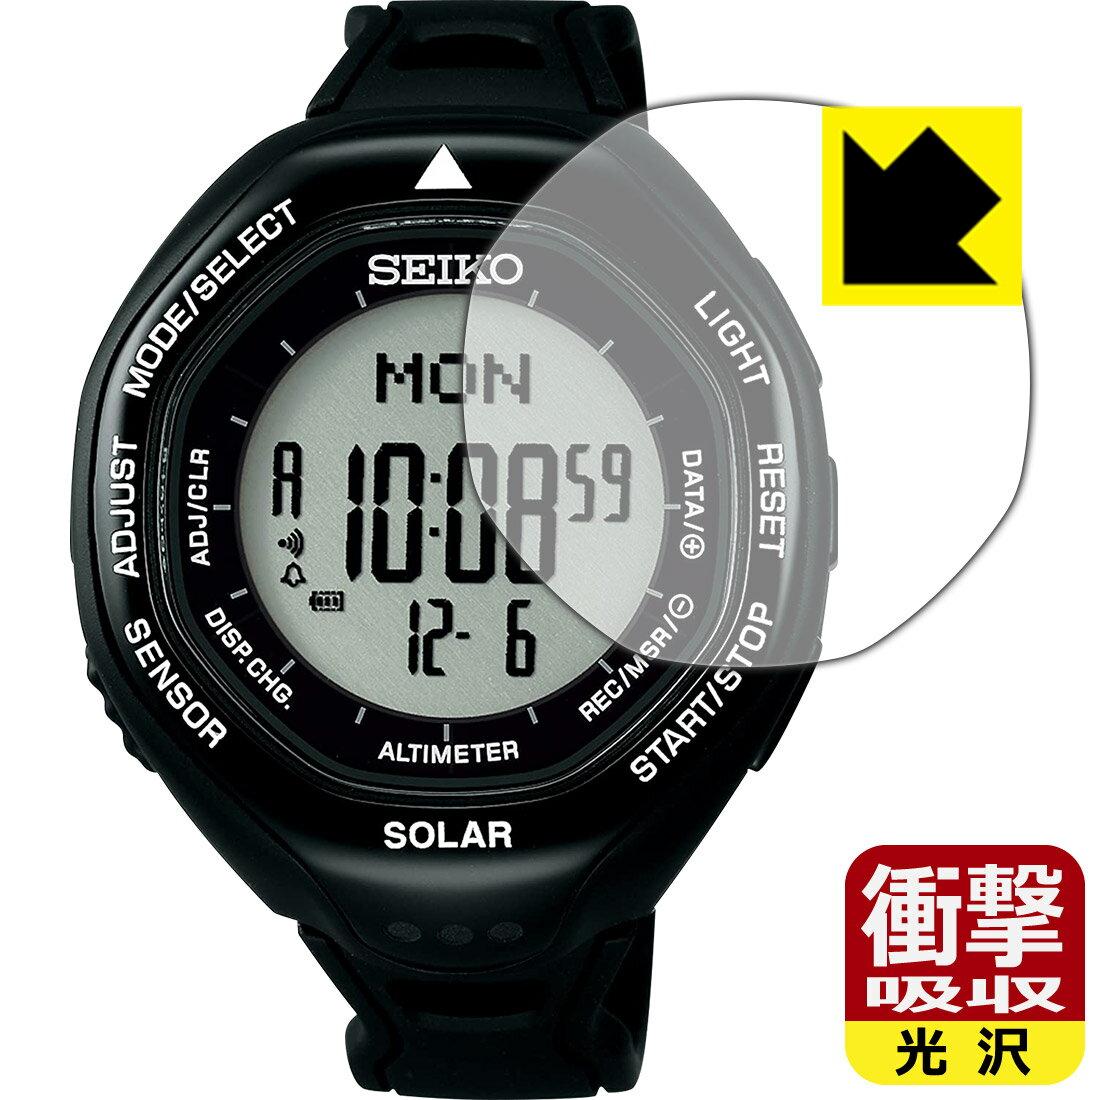 腕時計用アクセサリー, その他  SEIKO PROSPEX Alpinist SBEB001SBEB003 RCPsmtb-kd